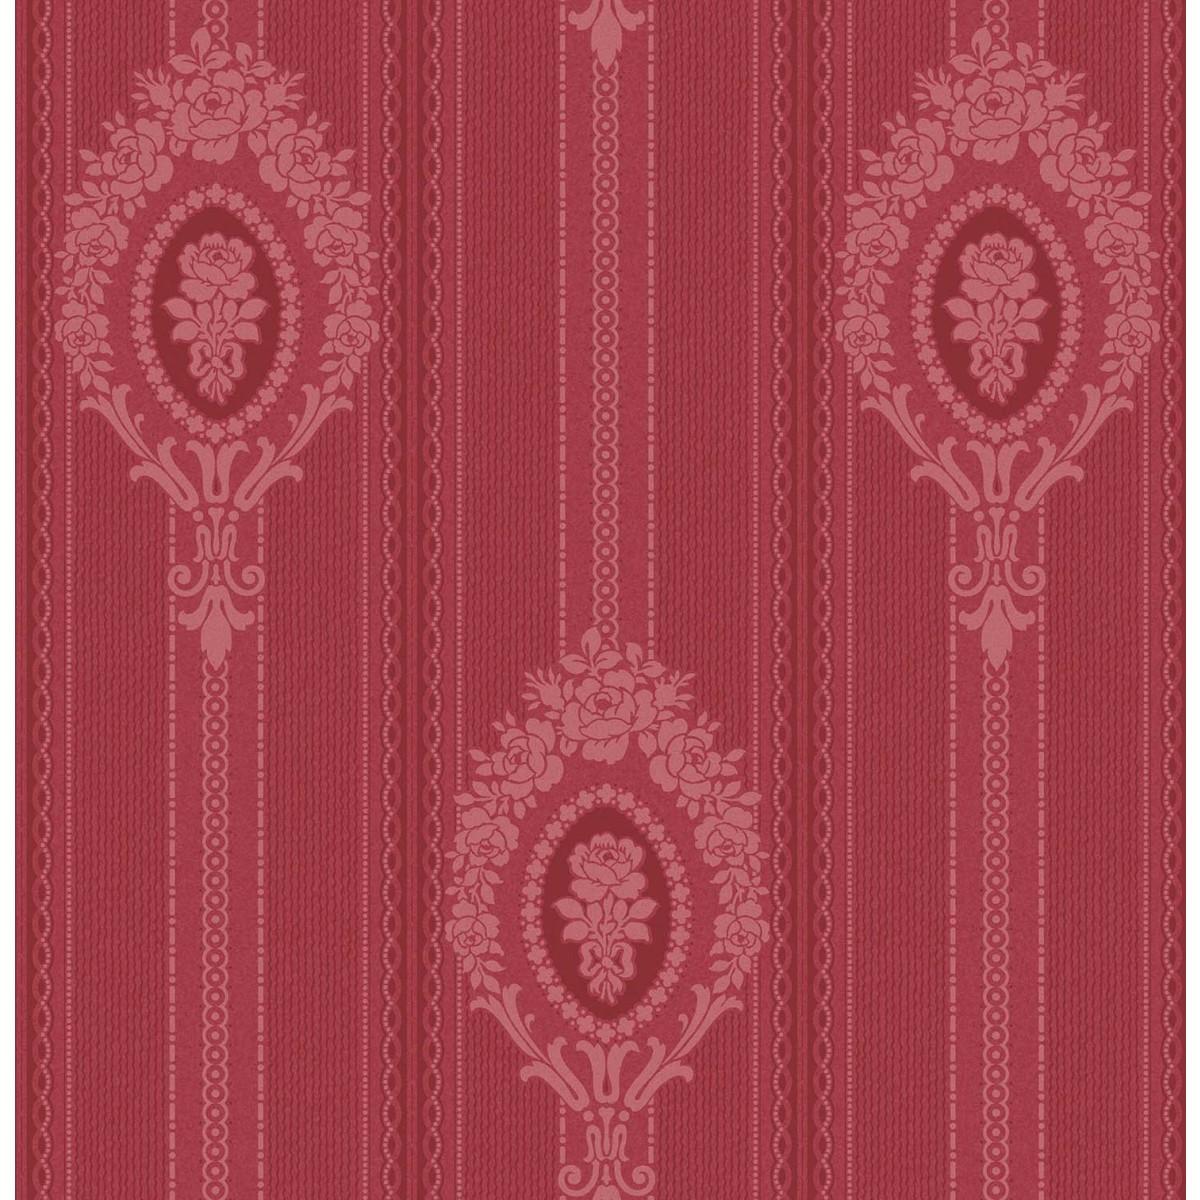 Виниловые обои Aura красные DE40821 0.53 м